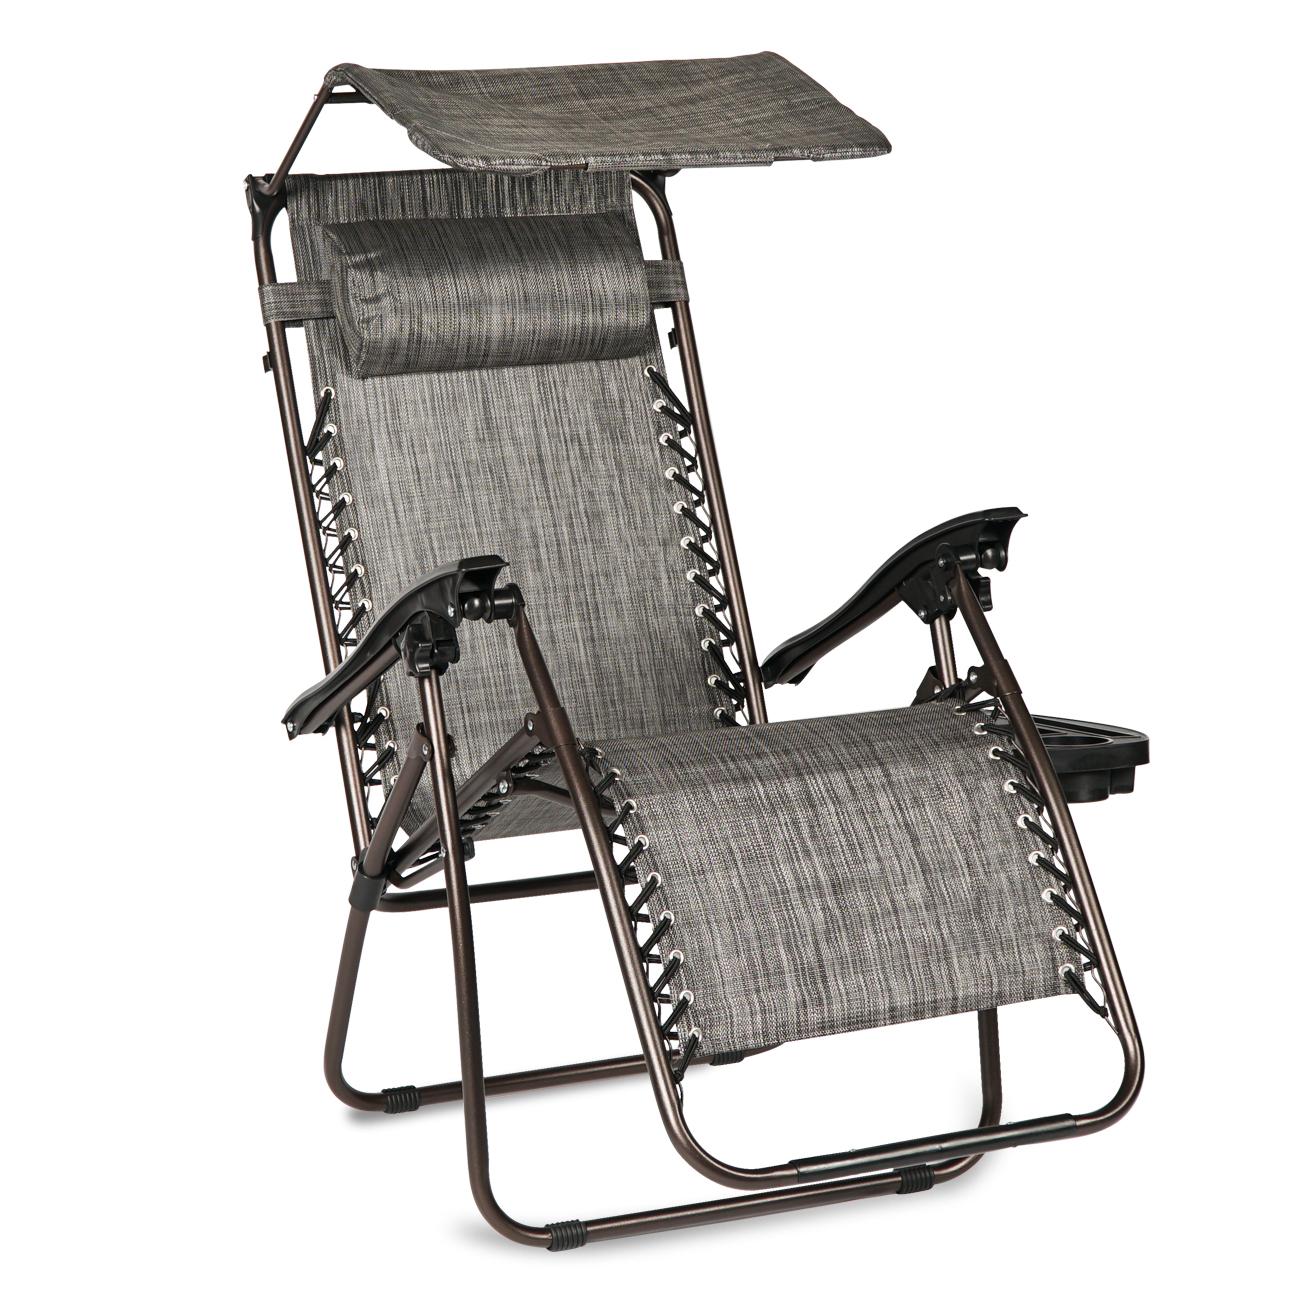 New 2 Pcs Zero Gravity Folding Lounge Beach Chairs W